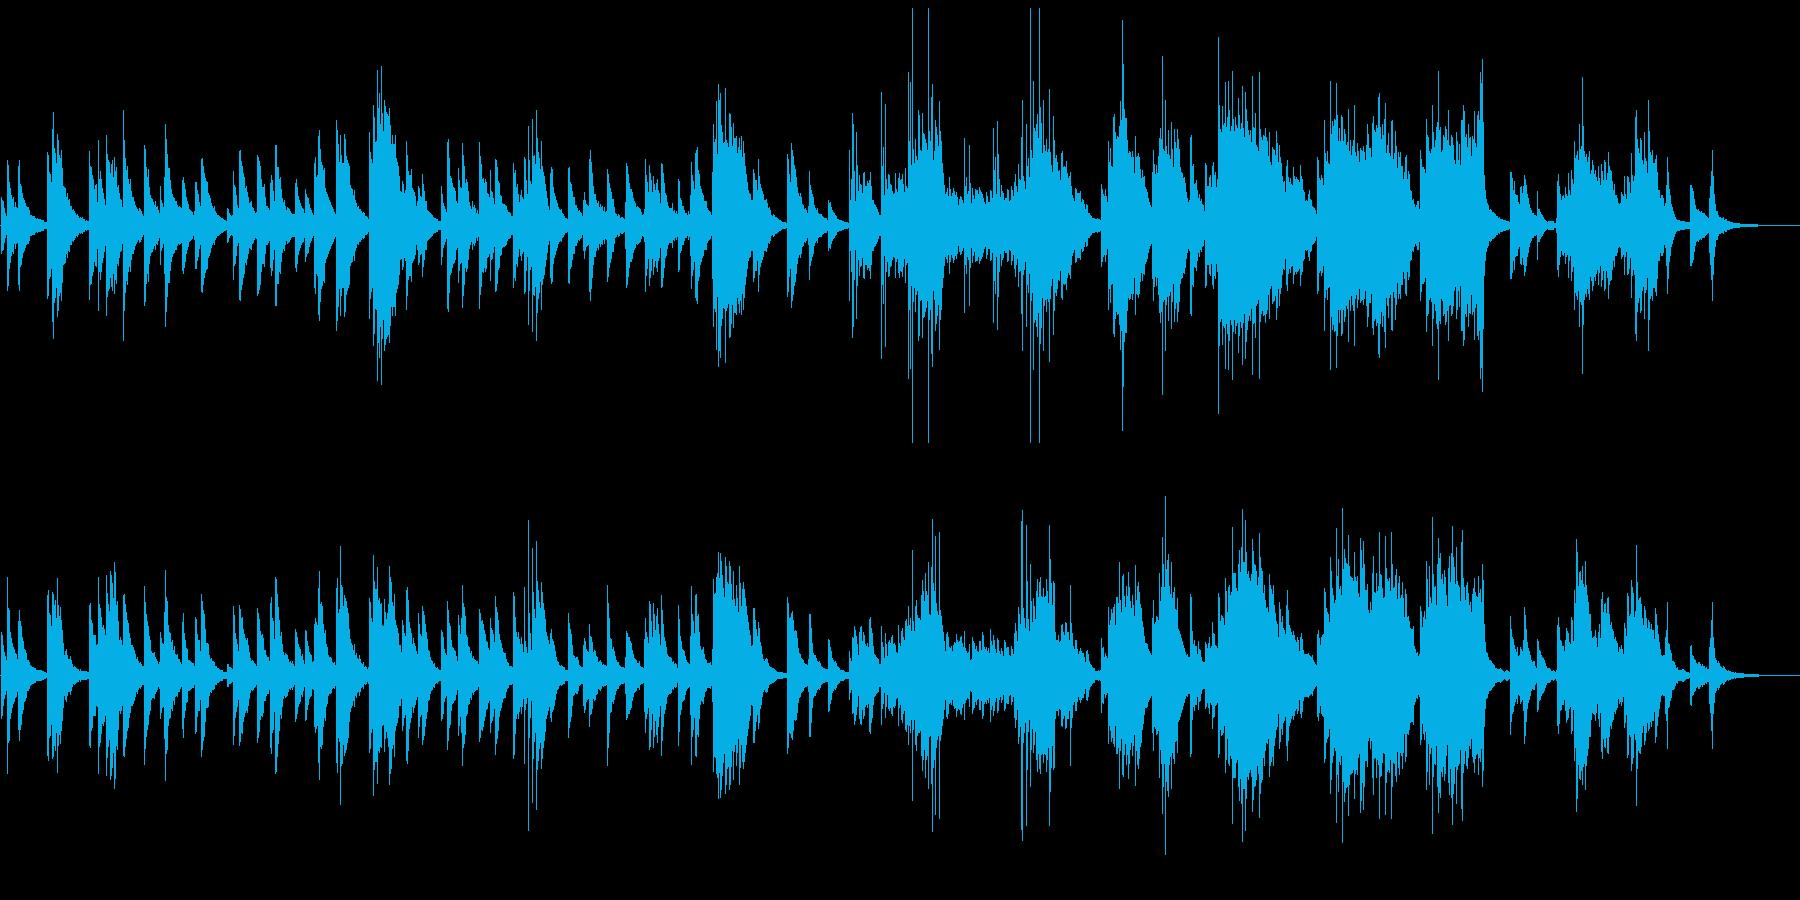 しっとりとしたピアノリラクゼーションの再生済みの波形